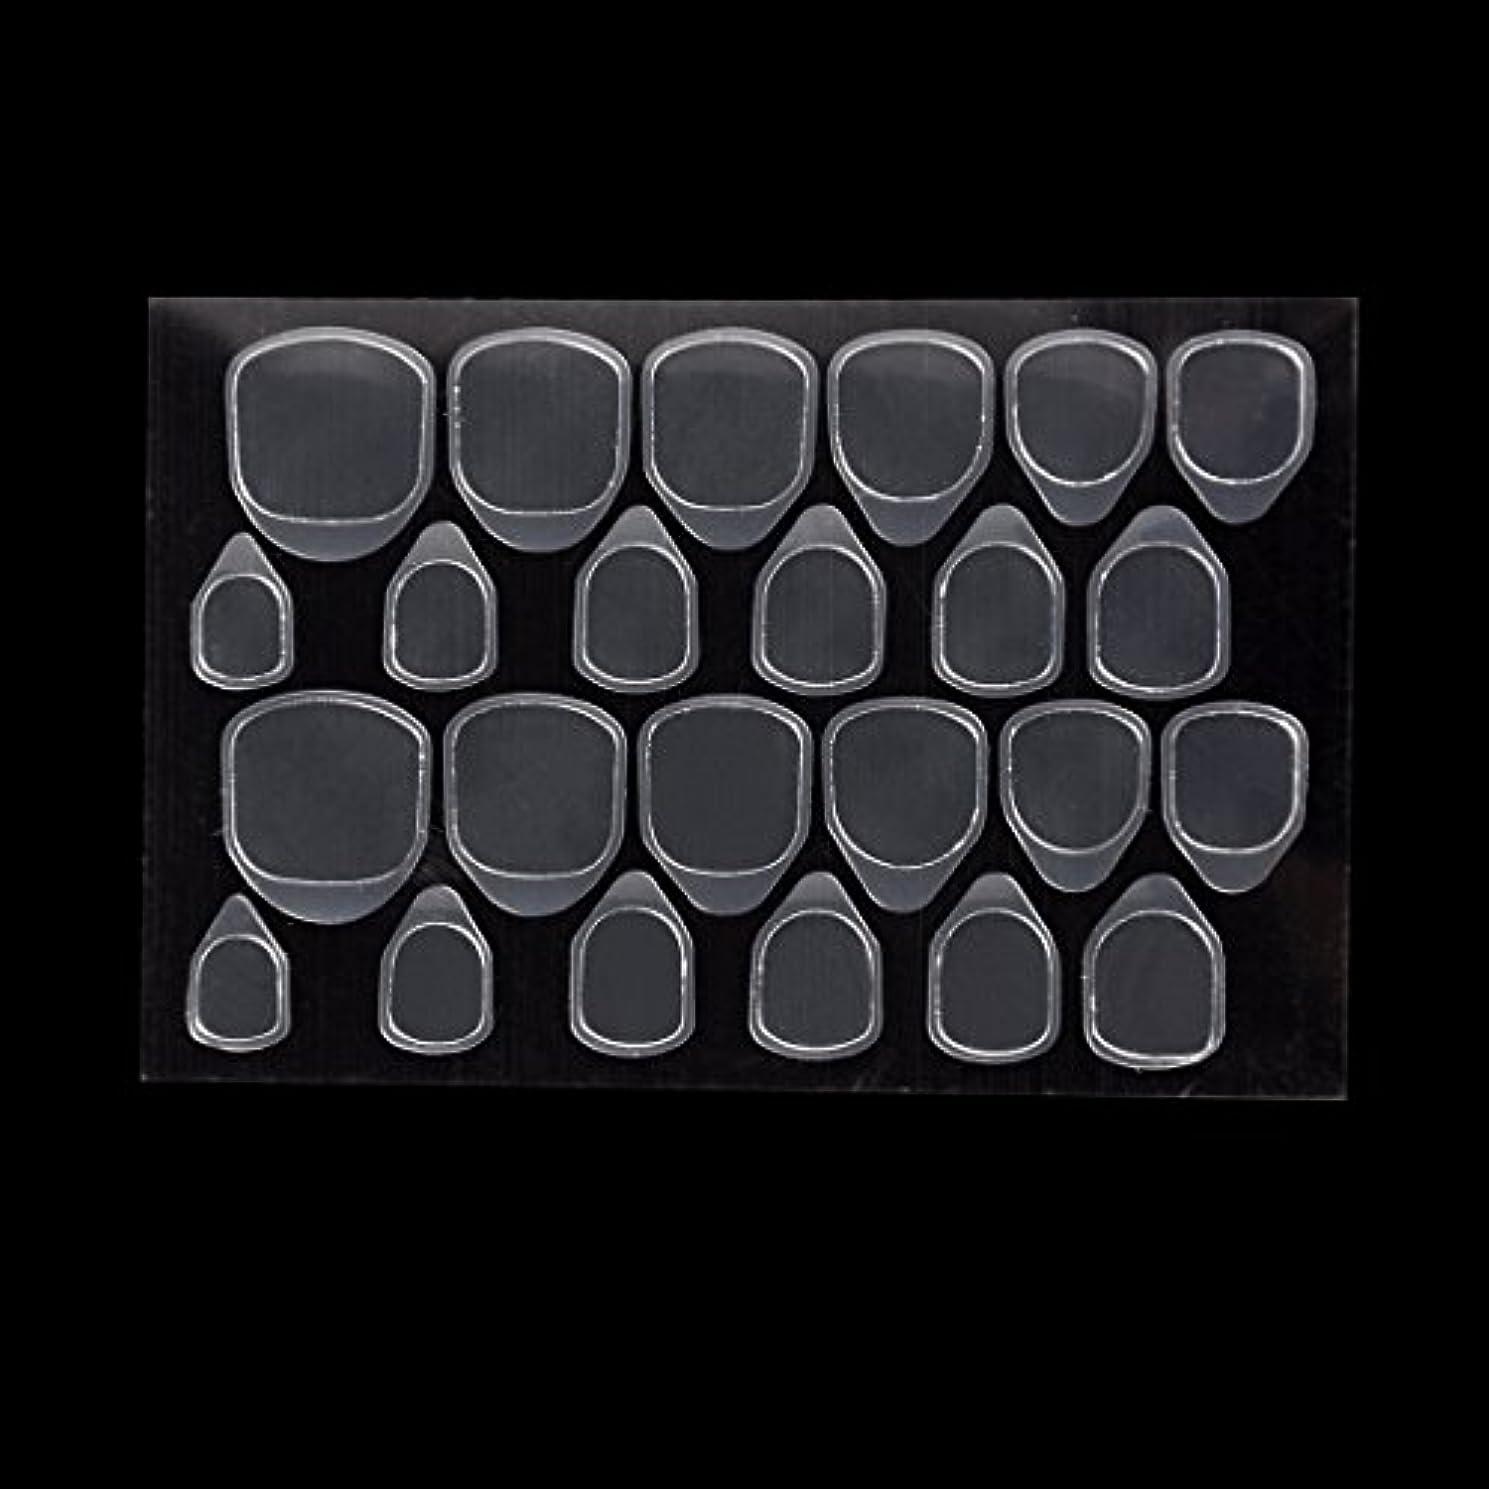 キラウエア山魂ハードBiutee つけ爪用 両面テープ ネイル 推奨超強力両面テープ ネイル両面接着剤 ネイルチップ用粘着グミ 10枚セット